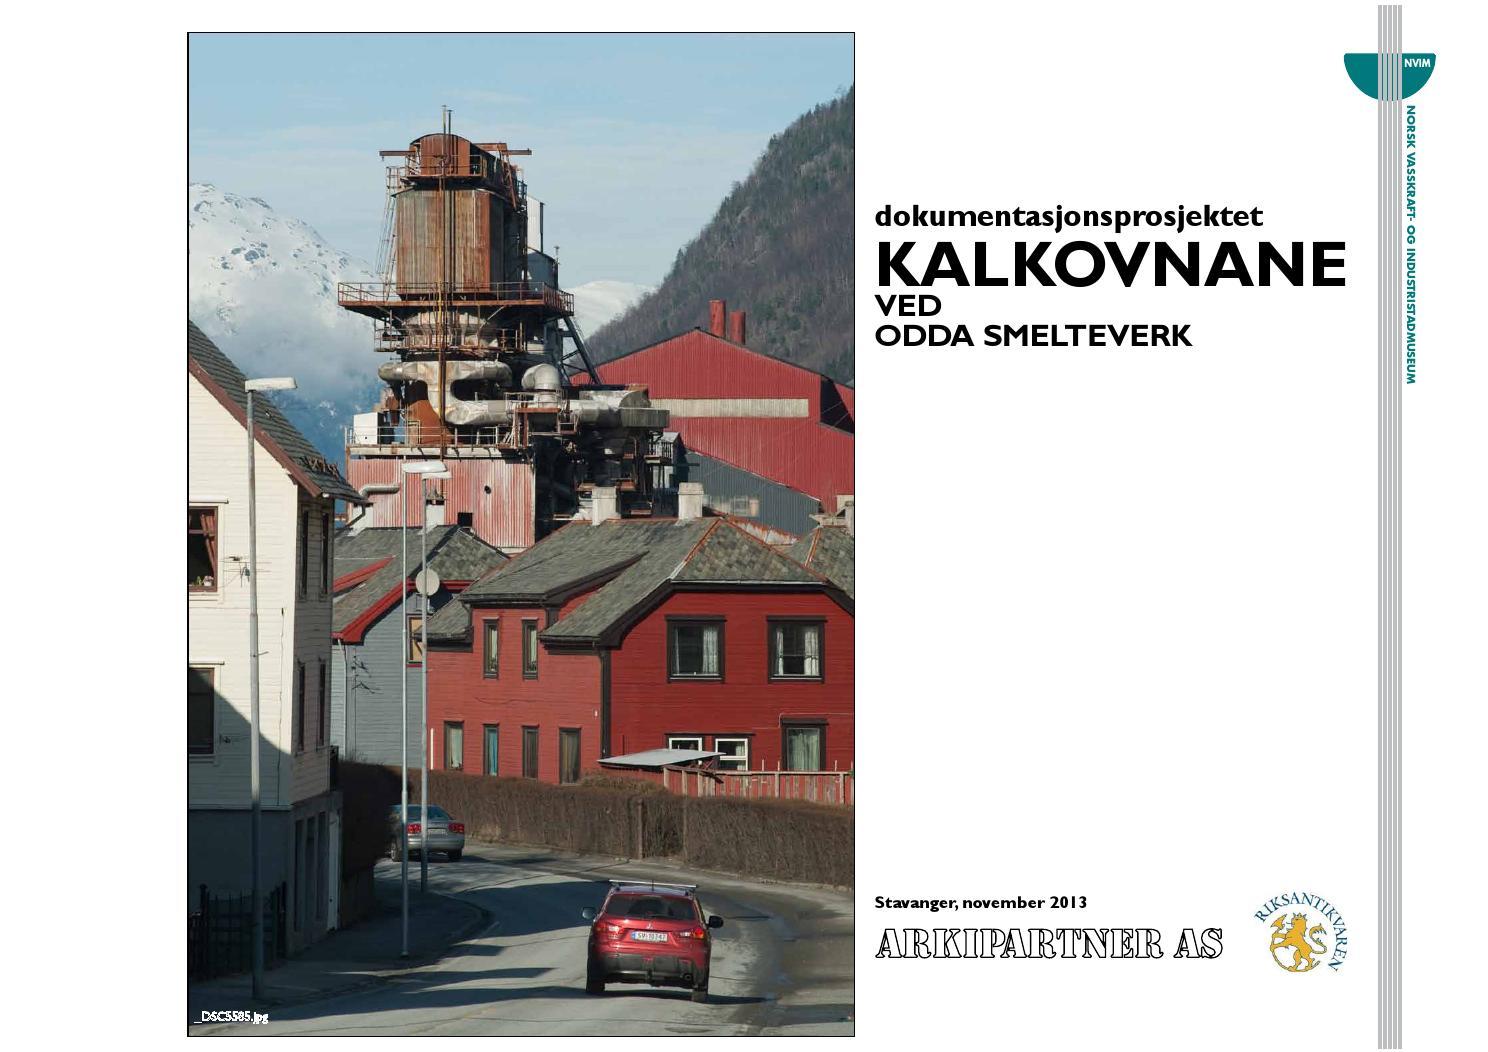 0e7d28ba47342 Dokumentasjonsprosjekt Kalkovnane ved Odda Smelteverk by Kraftmuseet - issuu